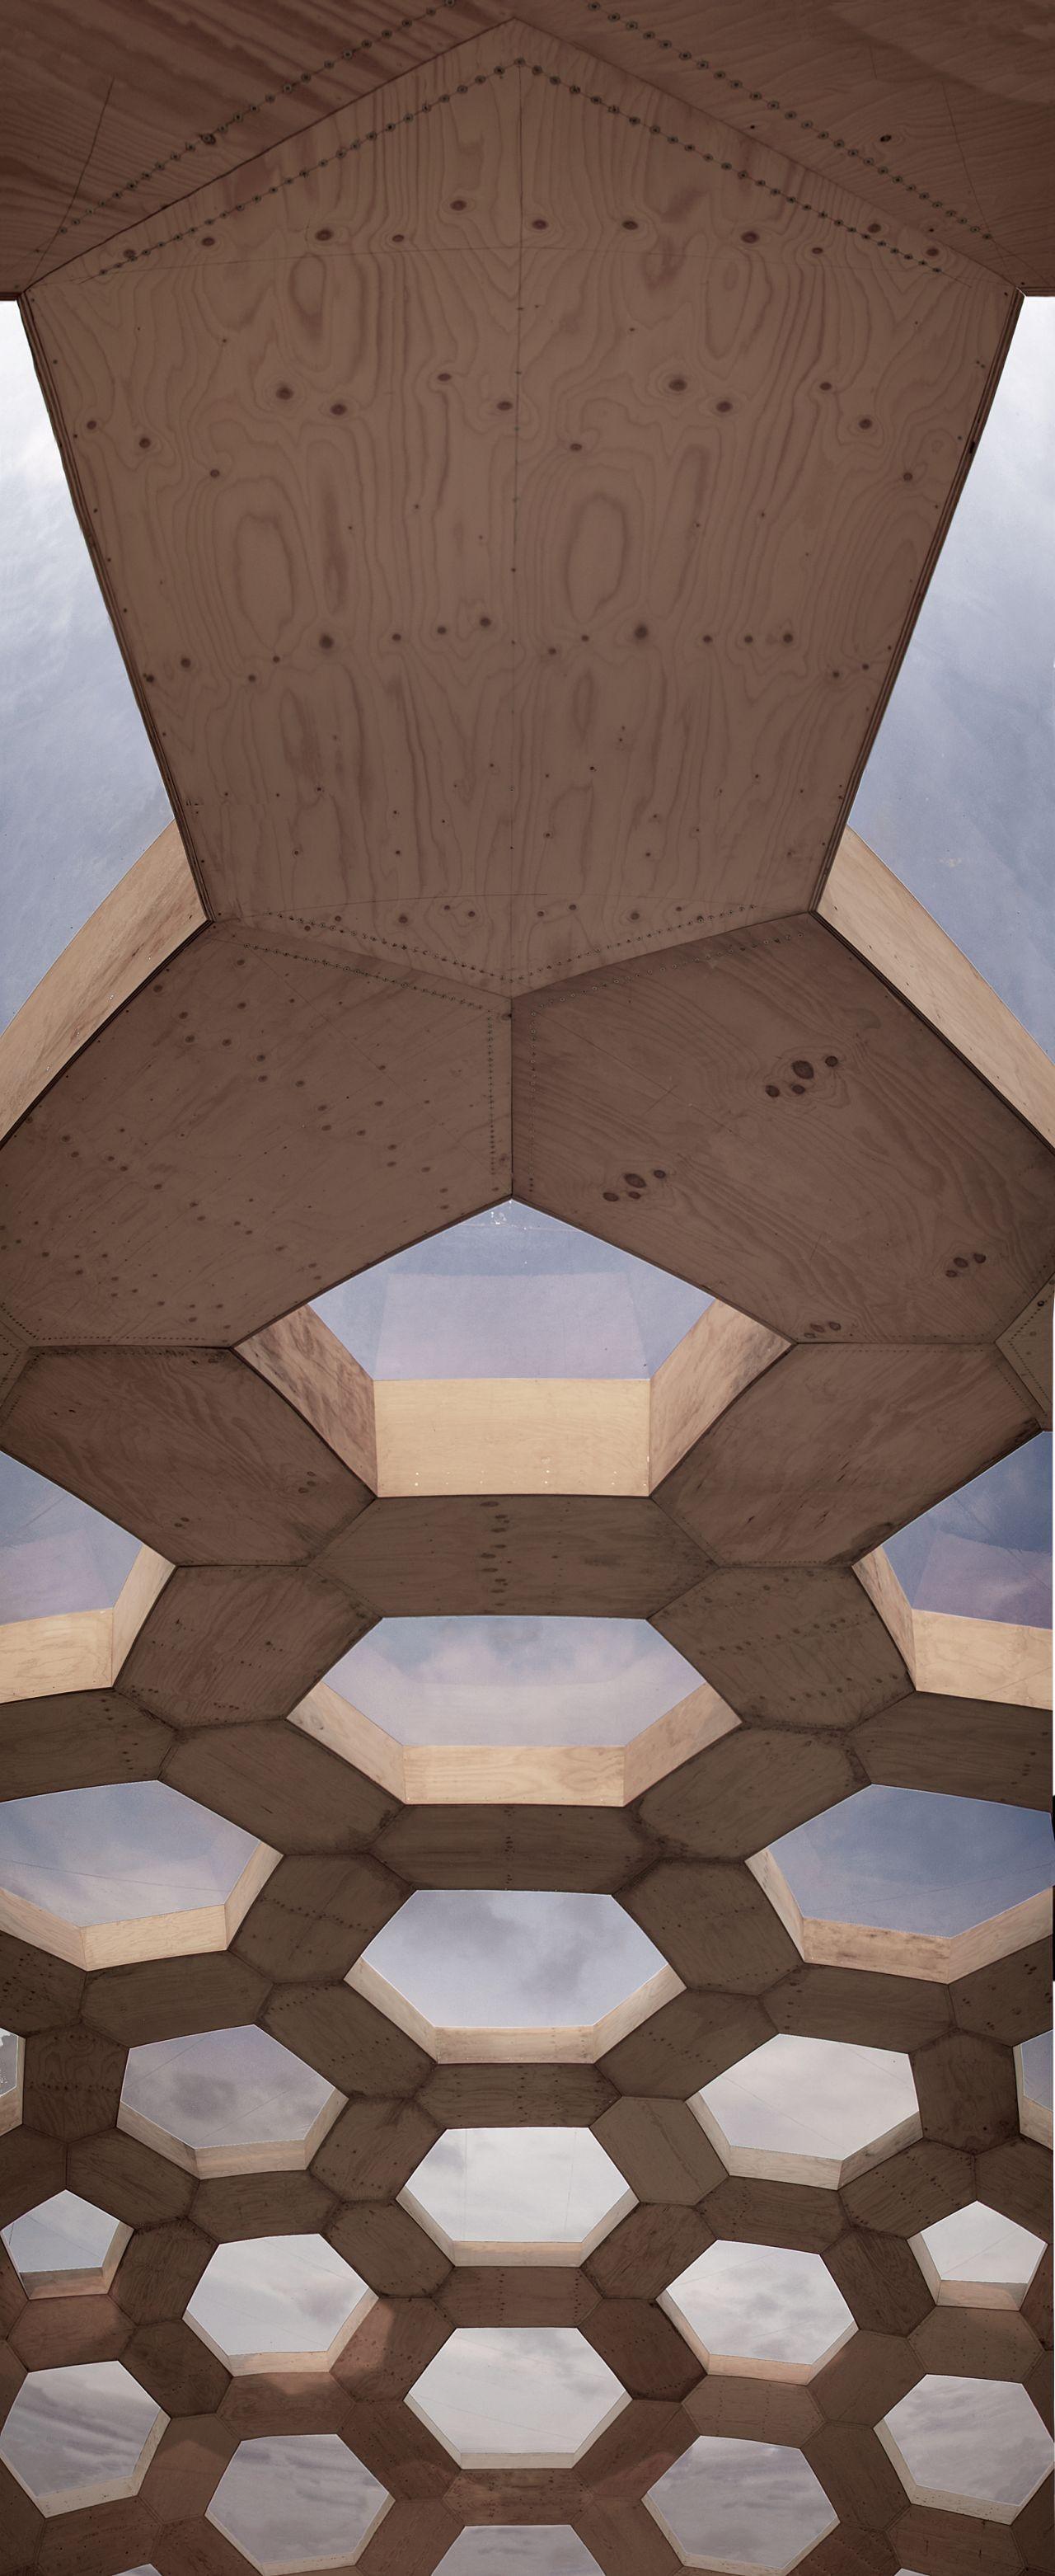 Roskilde Dome 2012 Kristoffer Tejlgaard Gallery